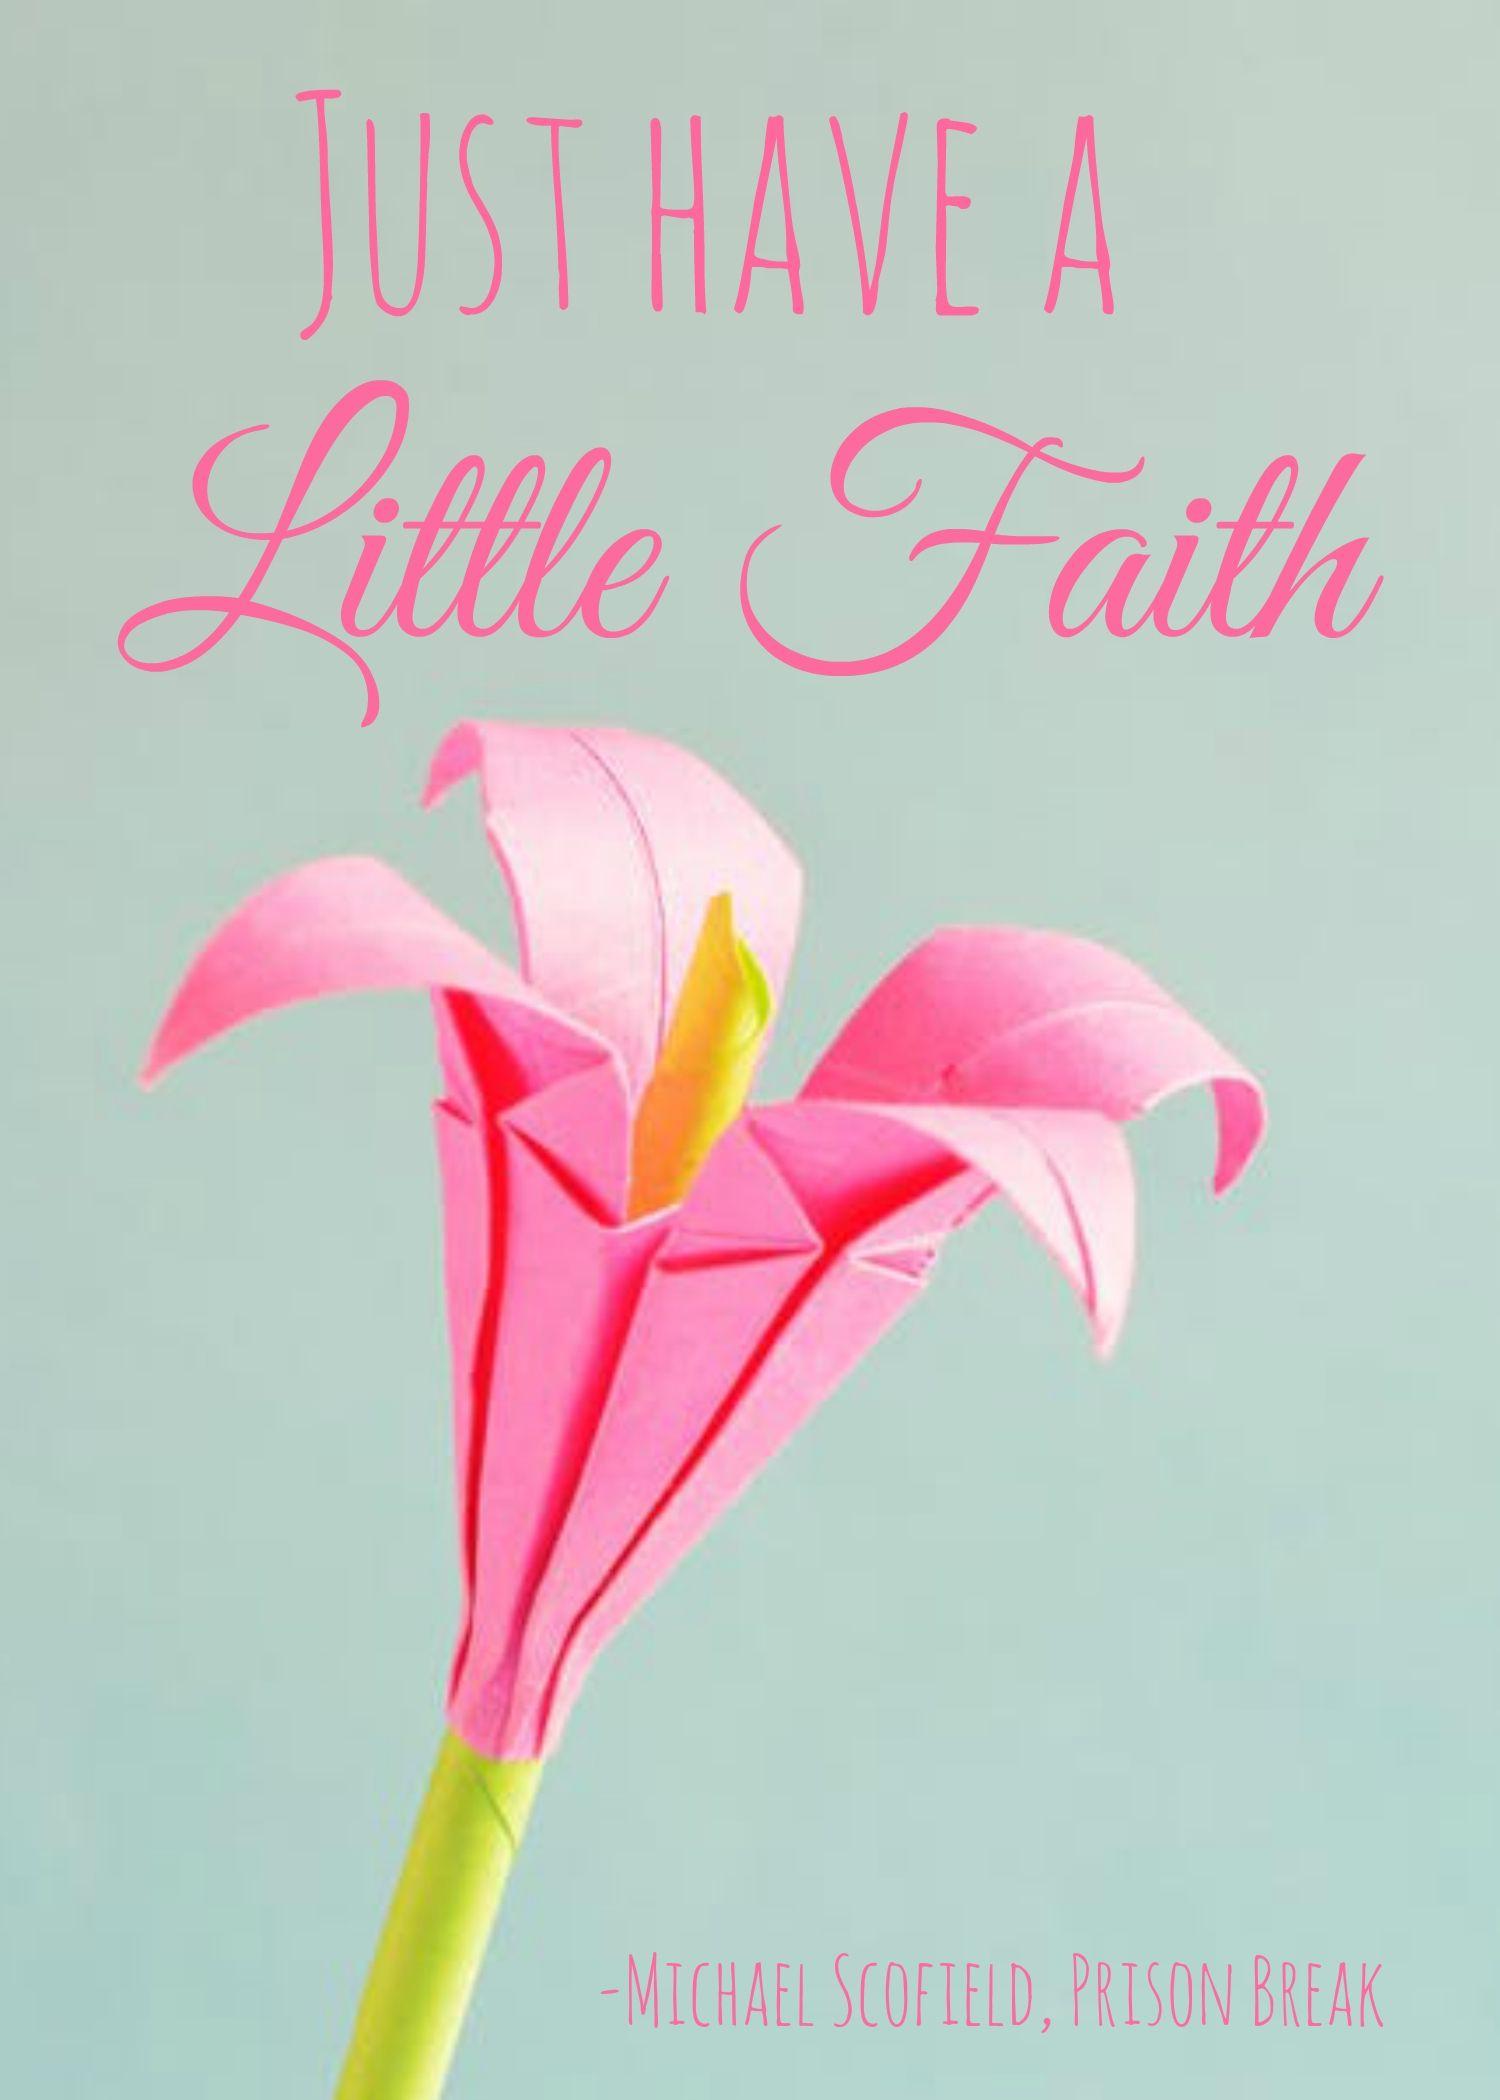 Just Have A Little Faith Michael Scofield Prison Break Quotes